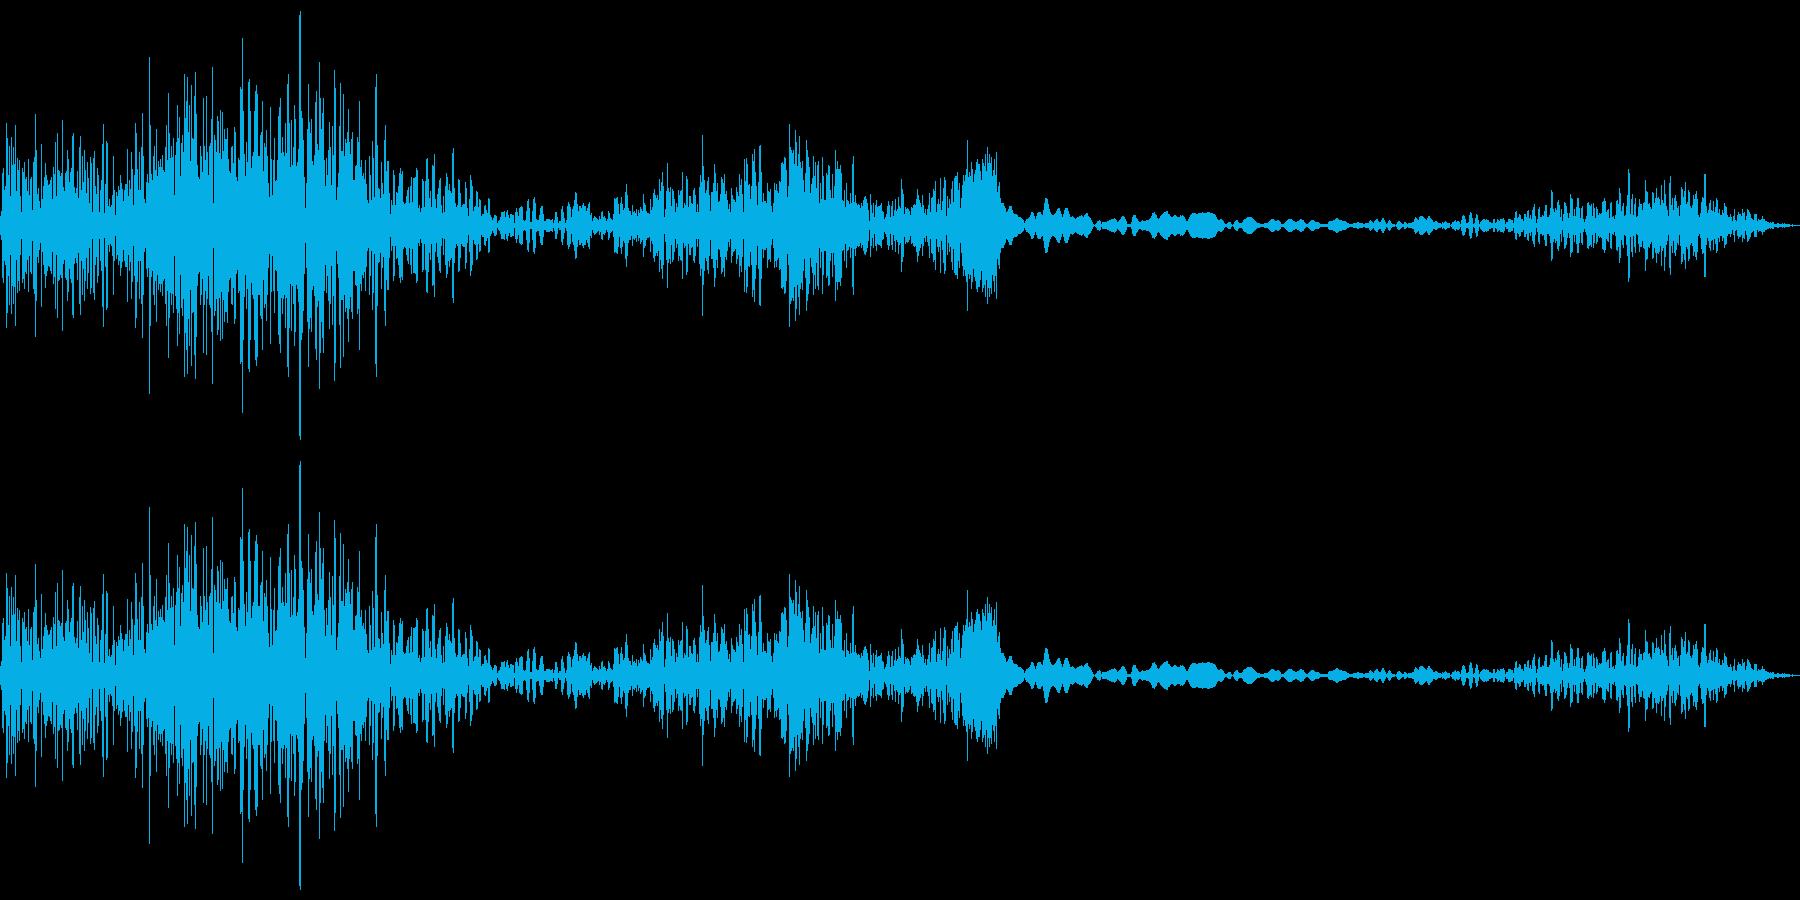 衝撃、ノイズ(バシュシュワ)の再生済みの波形